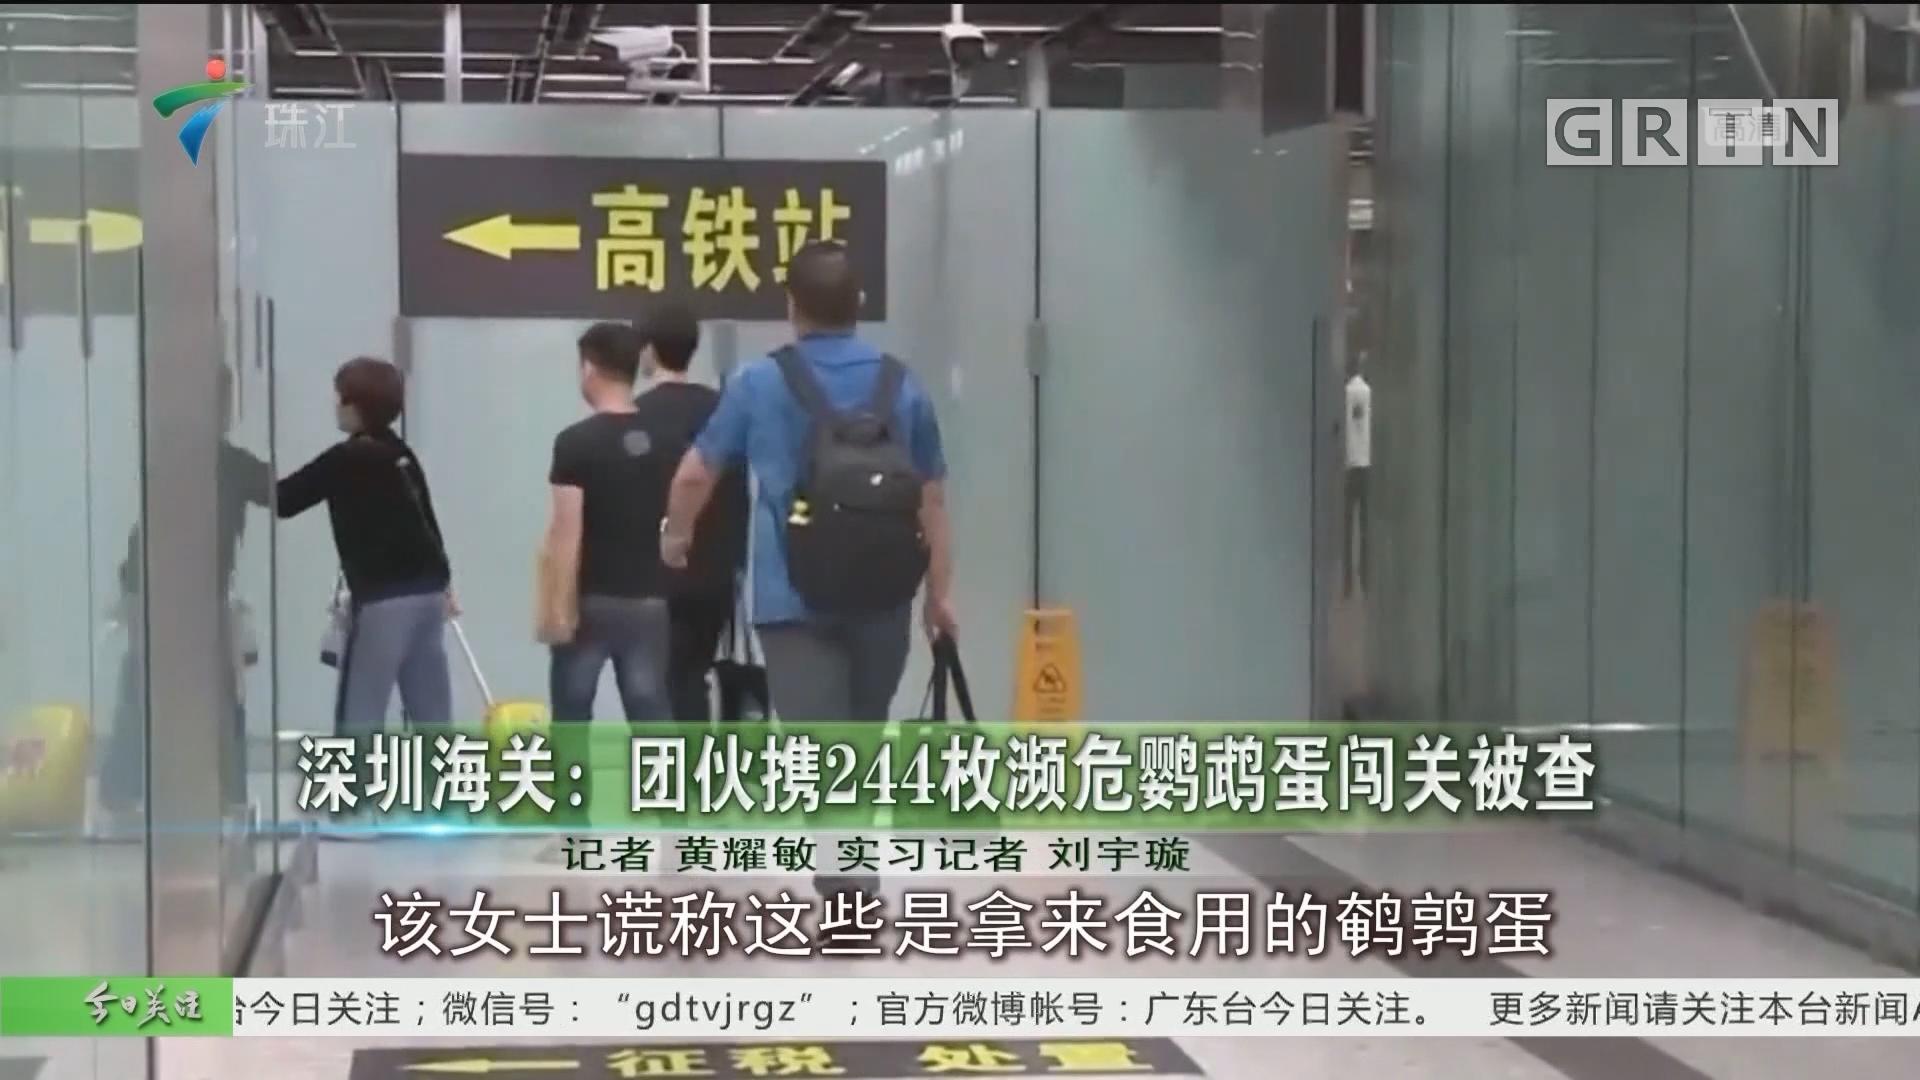 深圳海关:团伙携244枚濒危鹦鹉蛋闯关被查